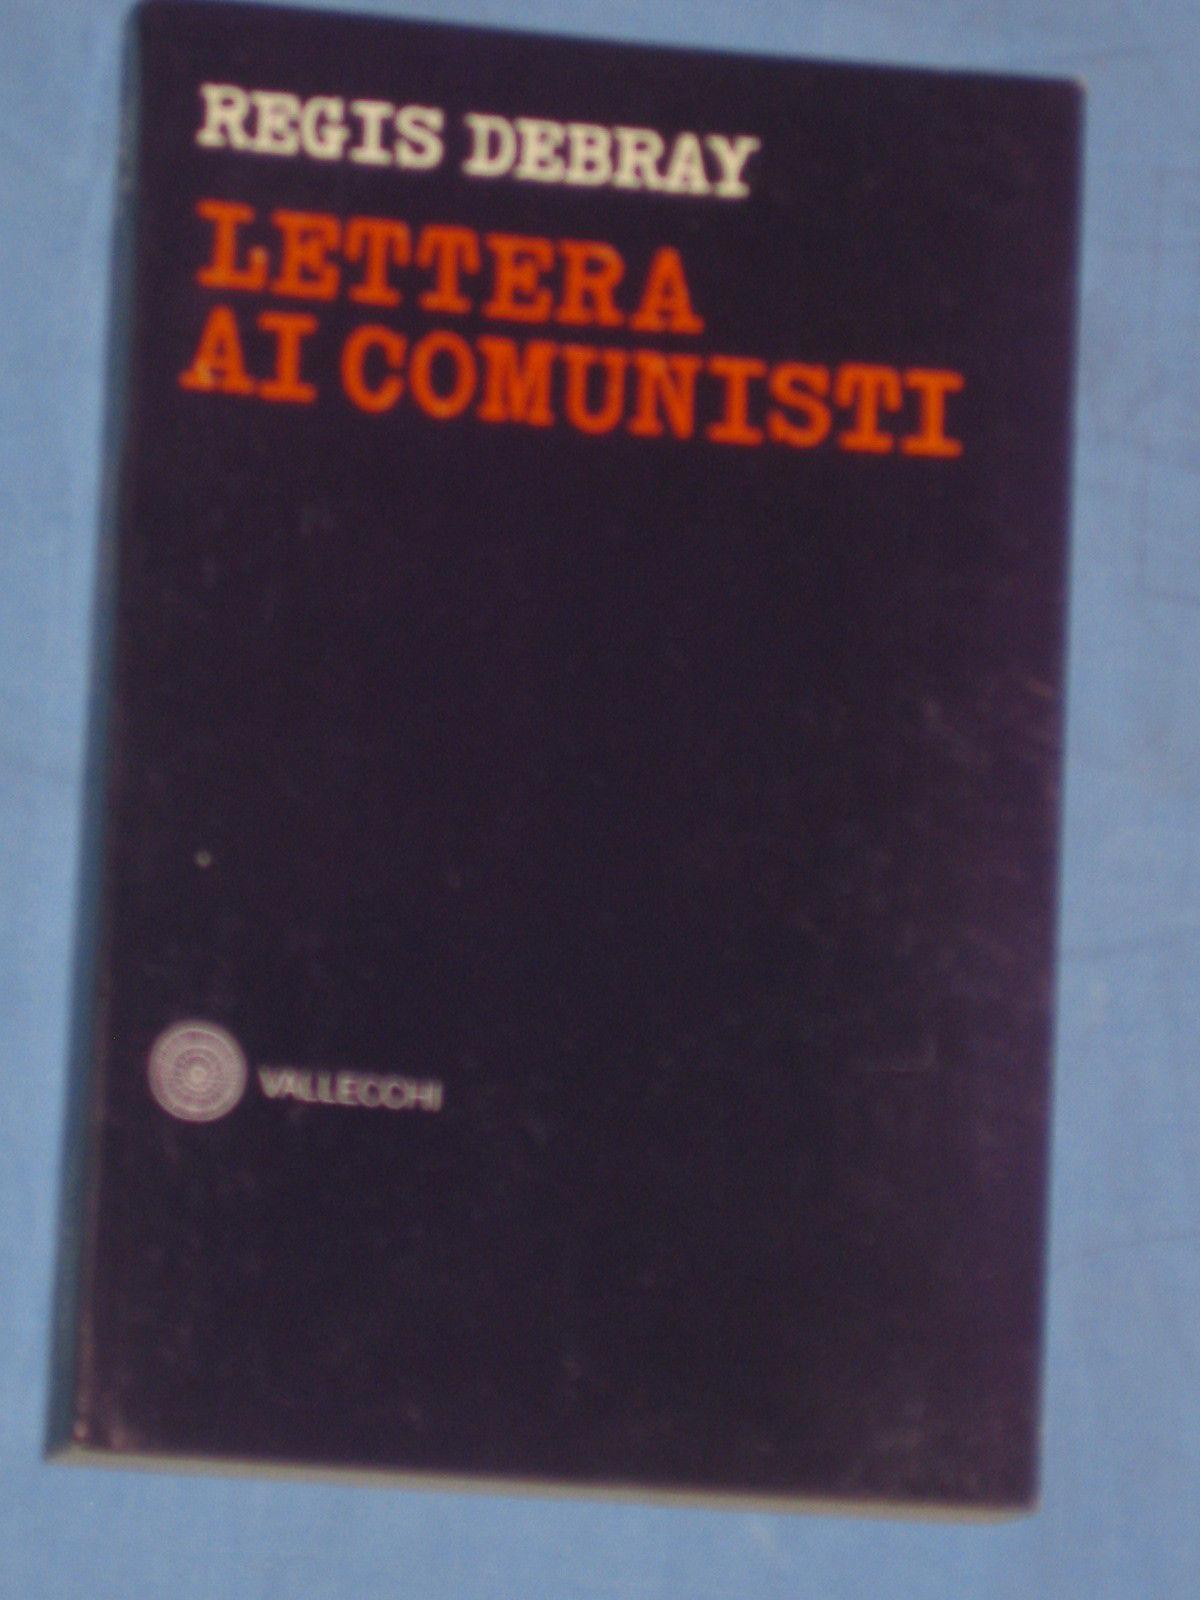 Lettera ai comunisti